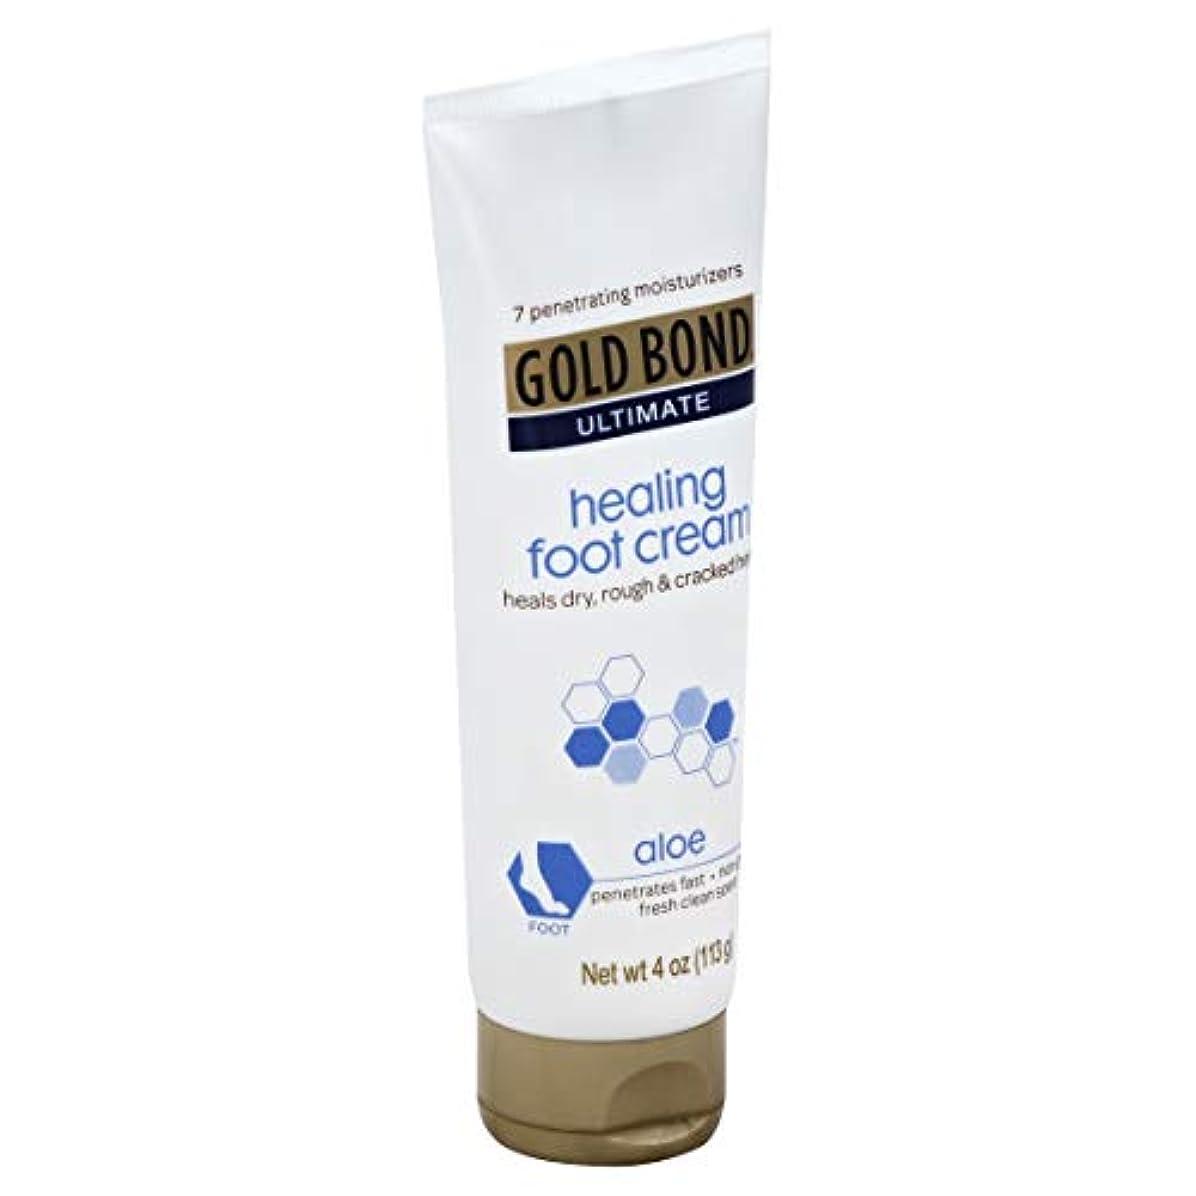 聖職者豊かな貸し手Gold Bond Healing Foot Therapy Cream 120 ml (並行輸入品)